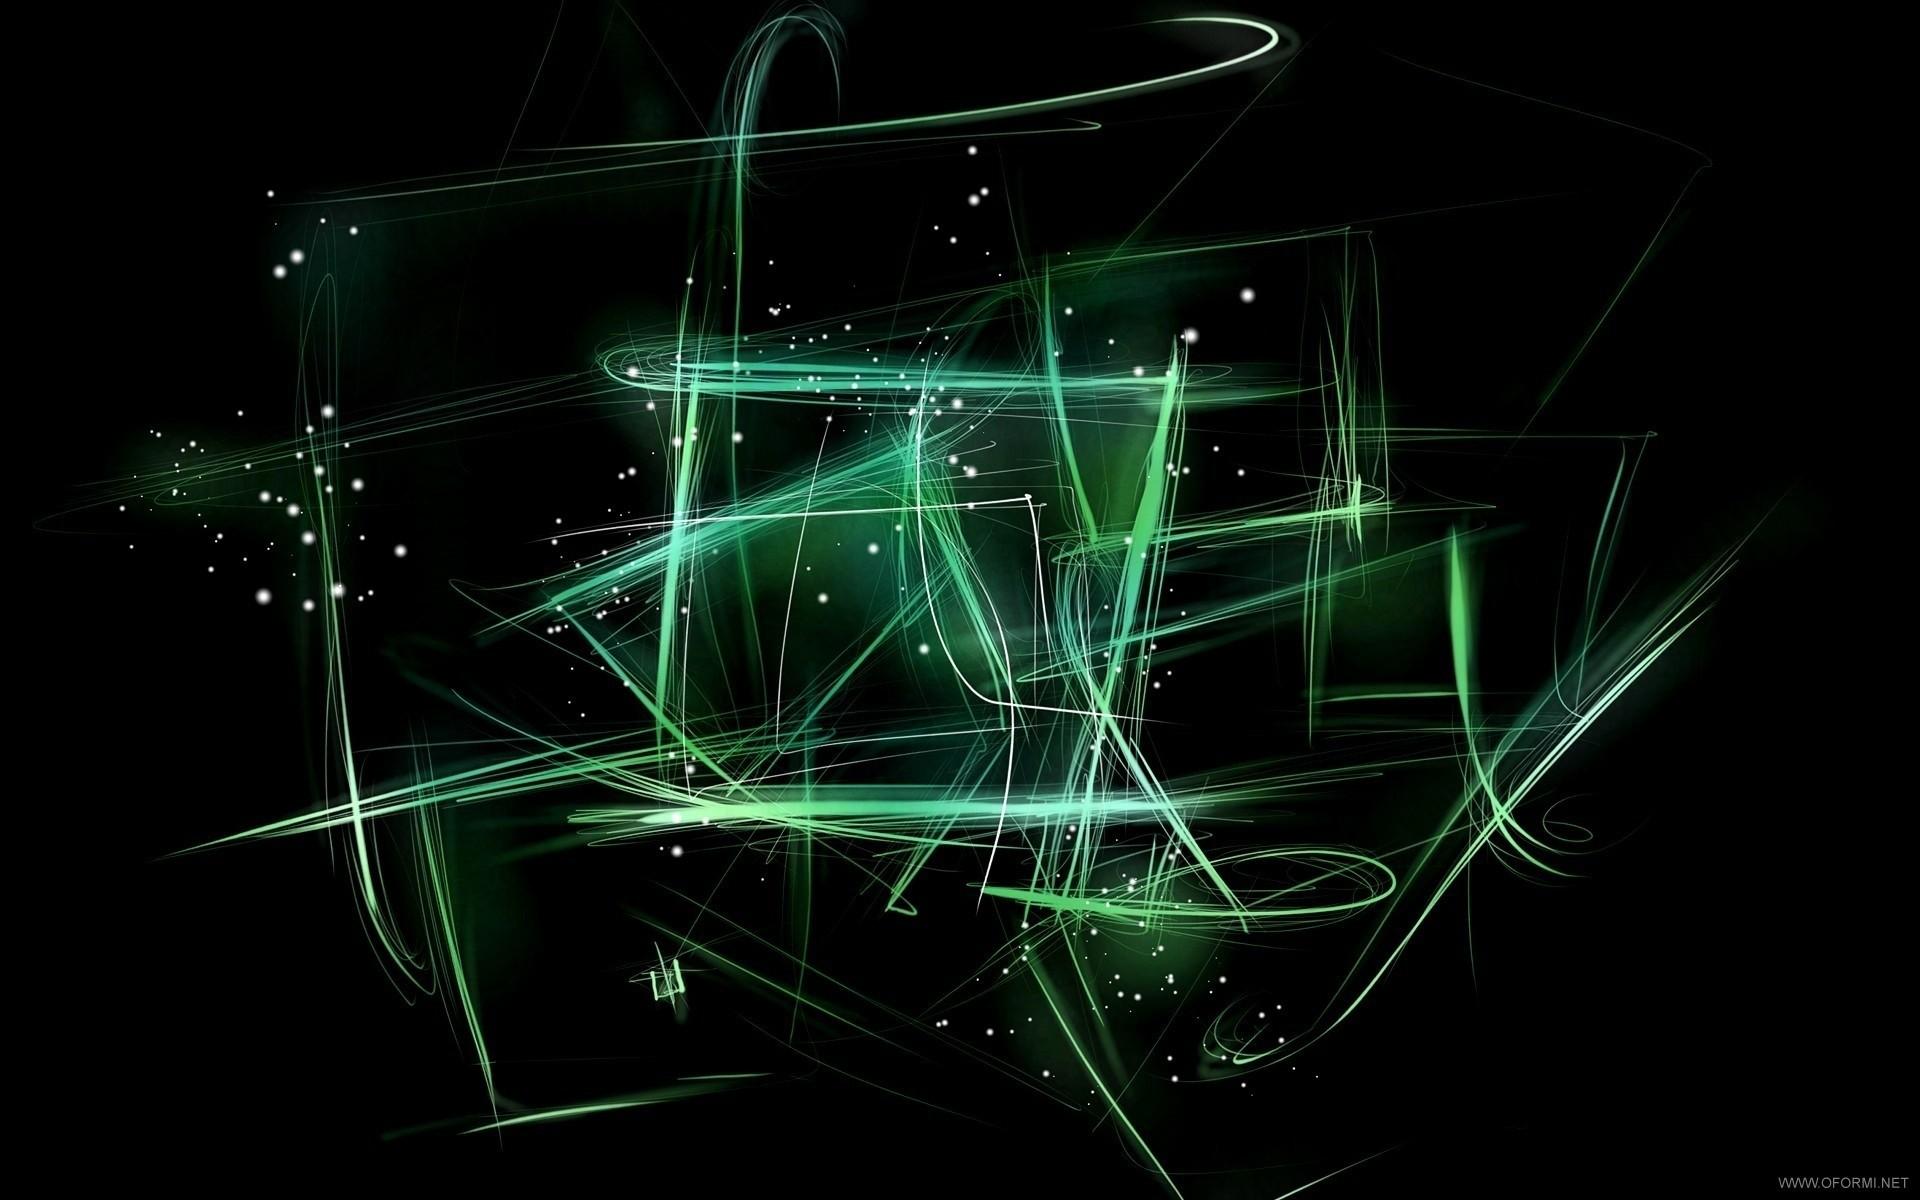 Green Widescreen Wallpaper